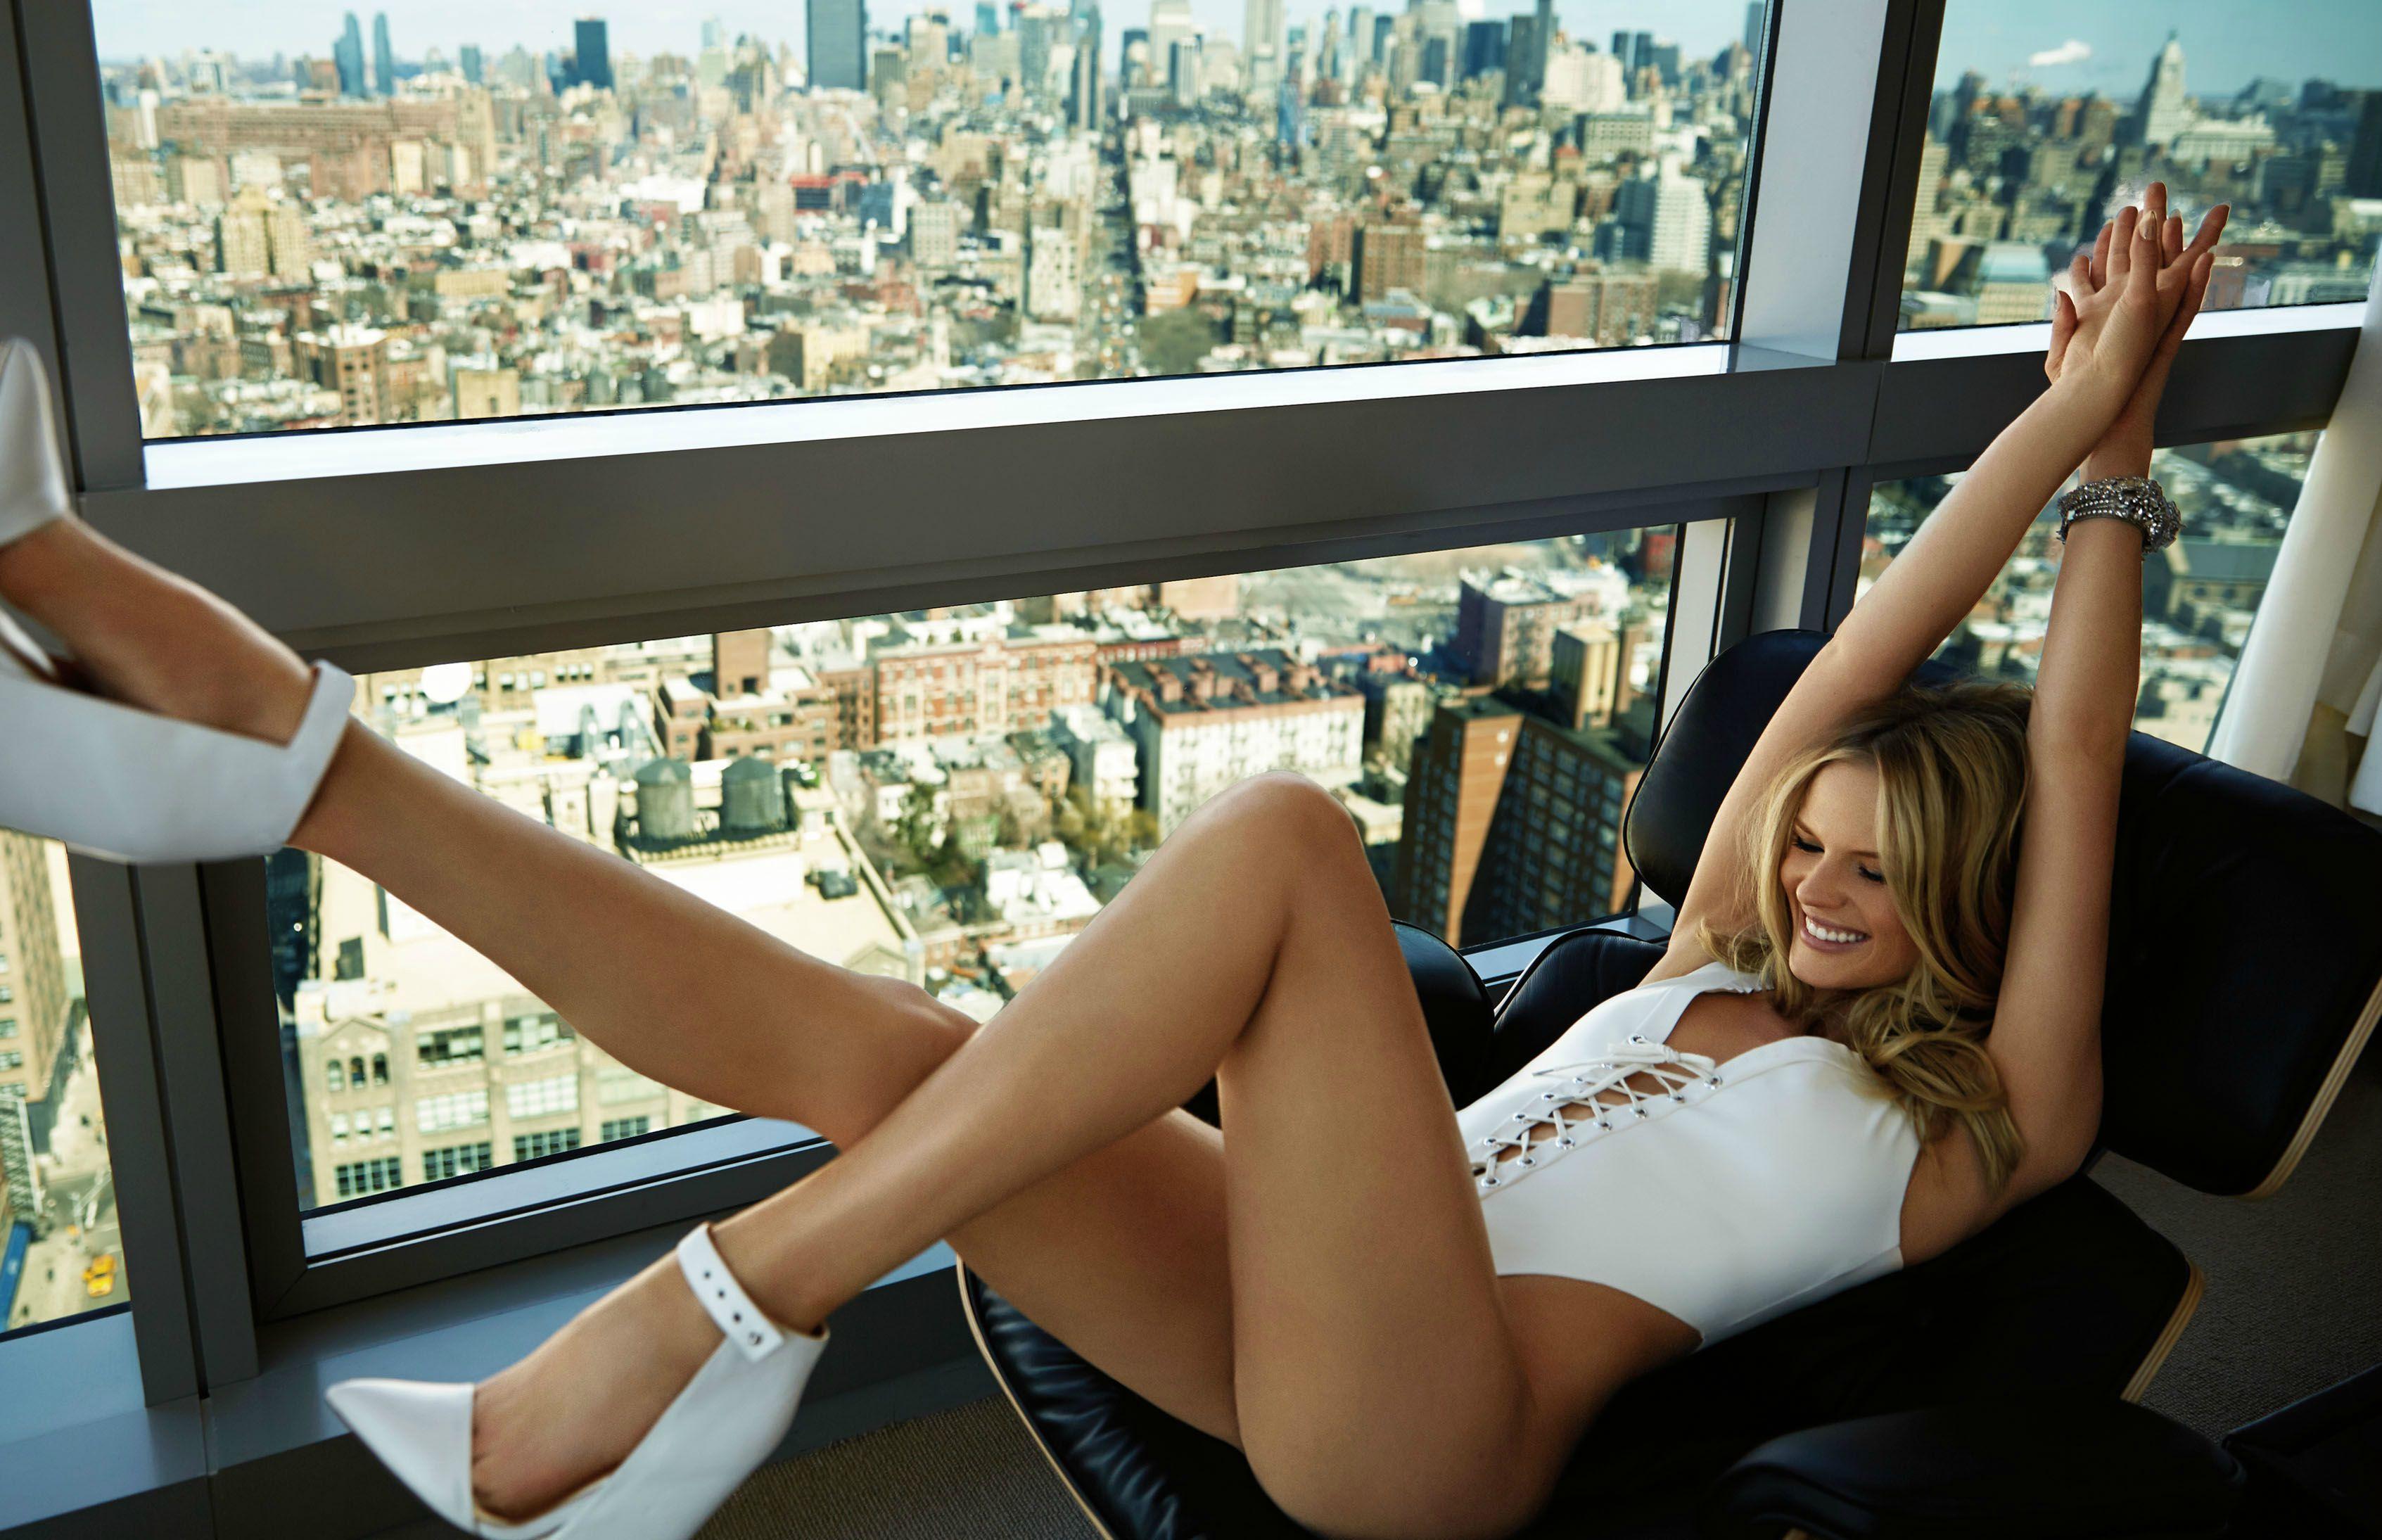 Anna Vyalitsyna, Model Hot Mantan Kekasih Maroon 5